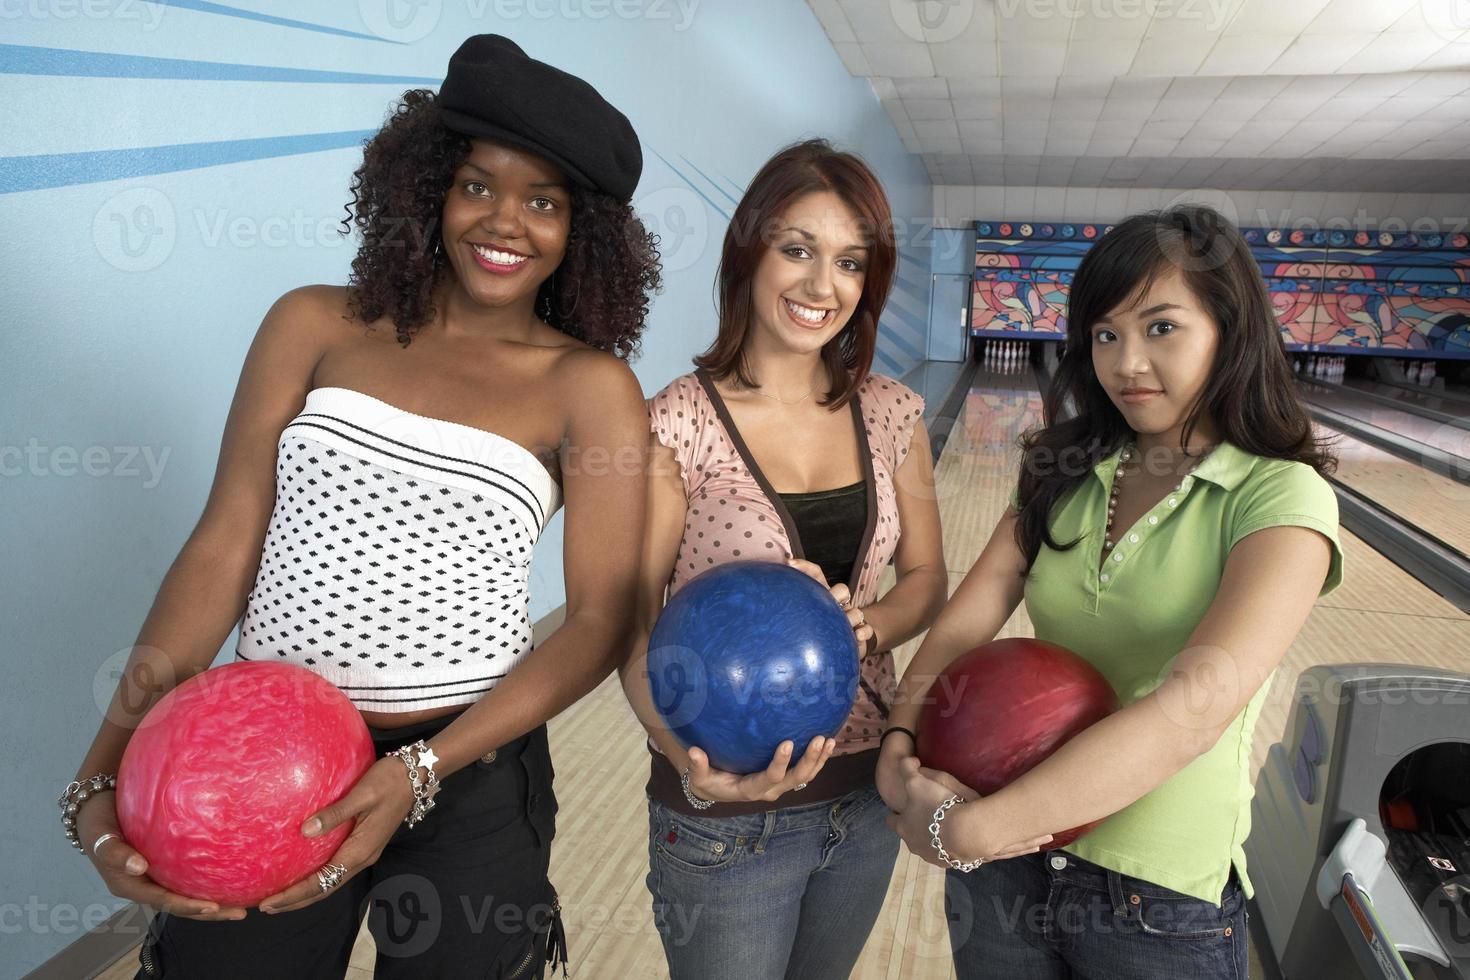 grupp vänner i bowlinghall foto